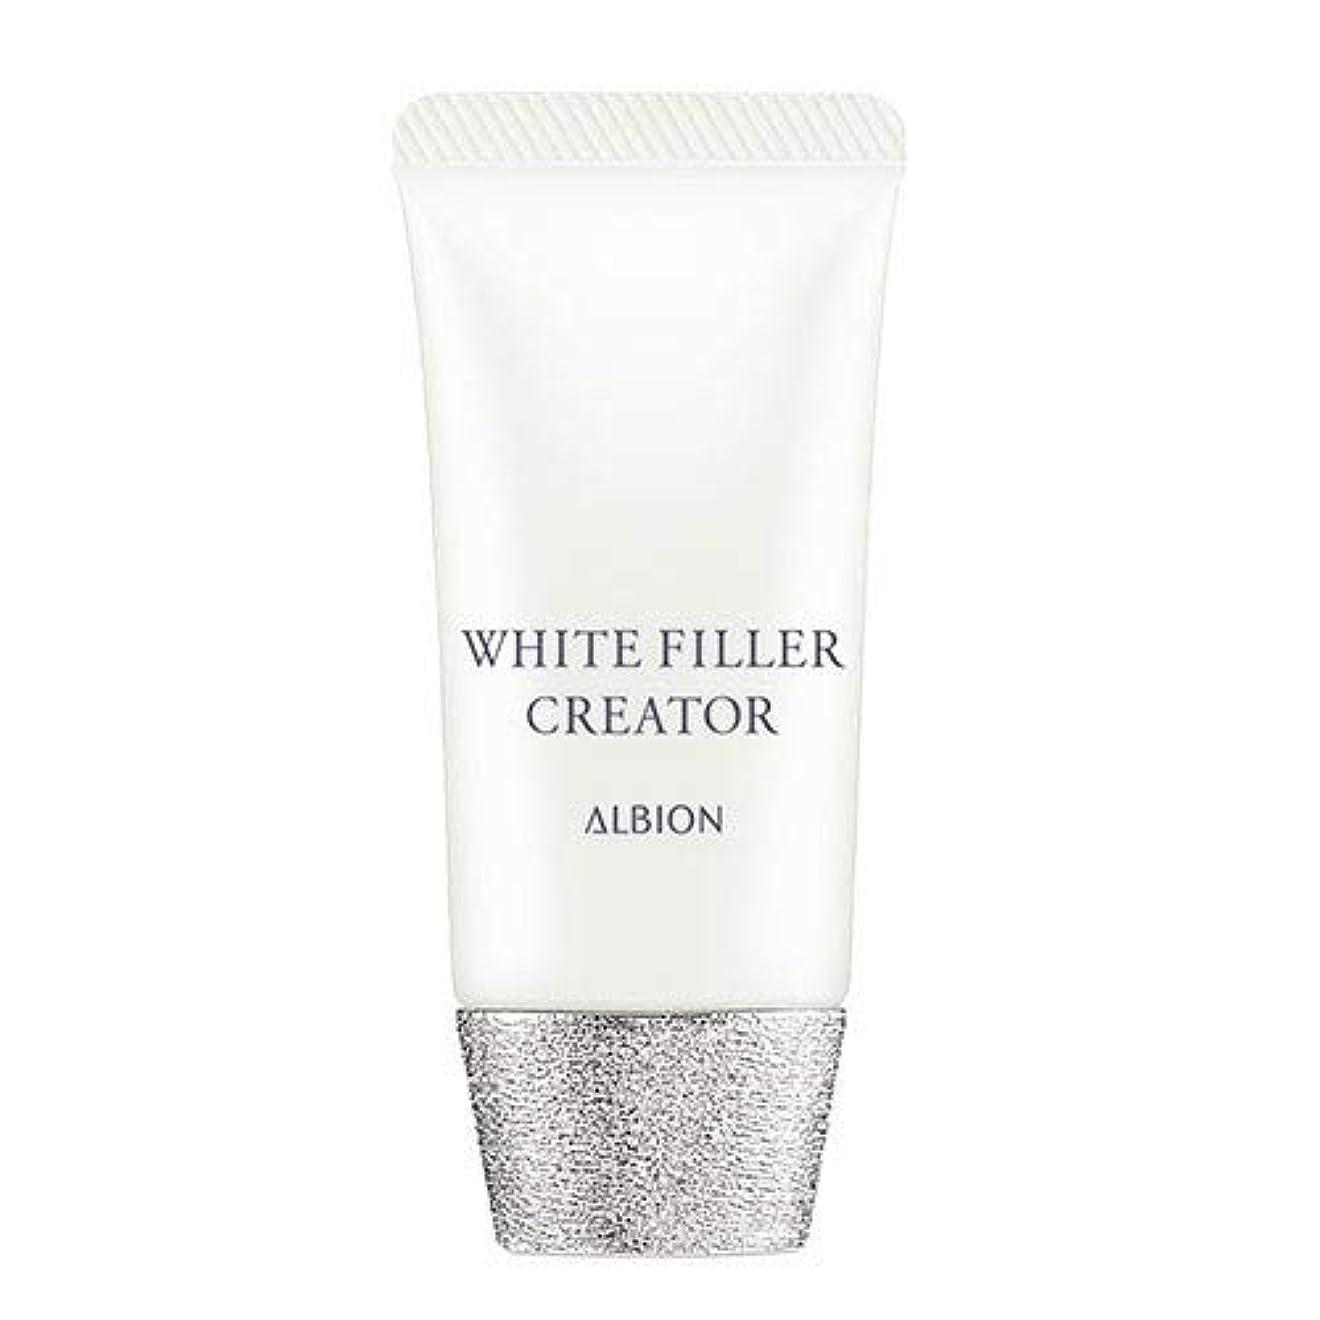 排泄する出血地球アルビオン ホワイトフィラー クリエイター SPF35?PA+++ 30g -ALBION-